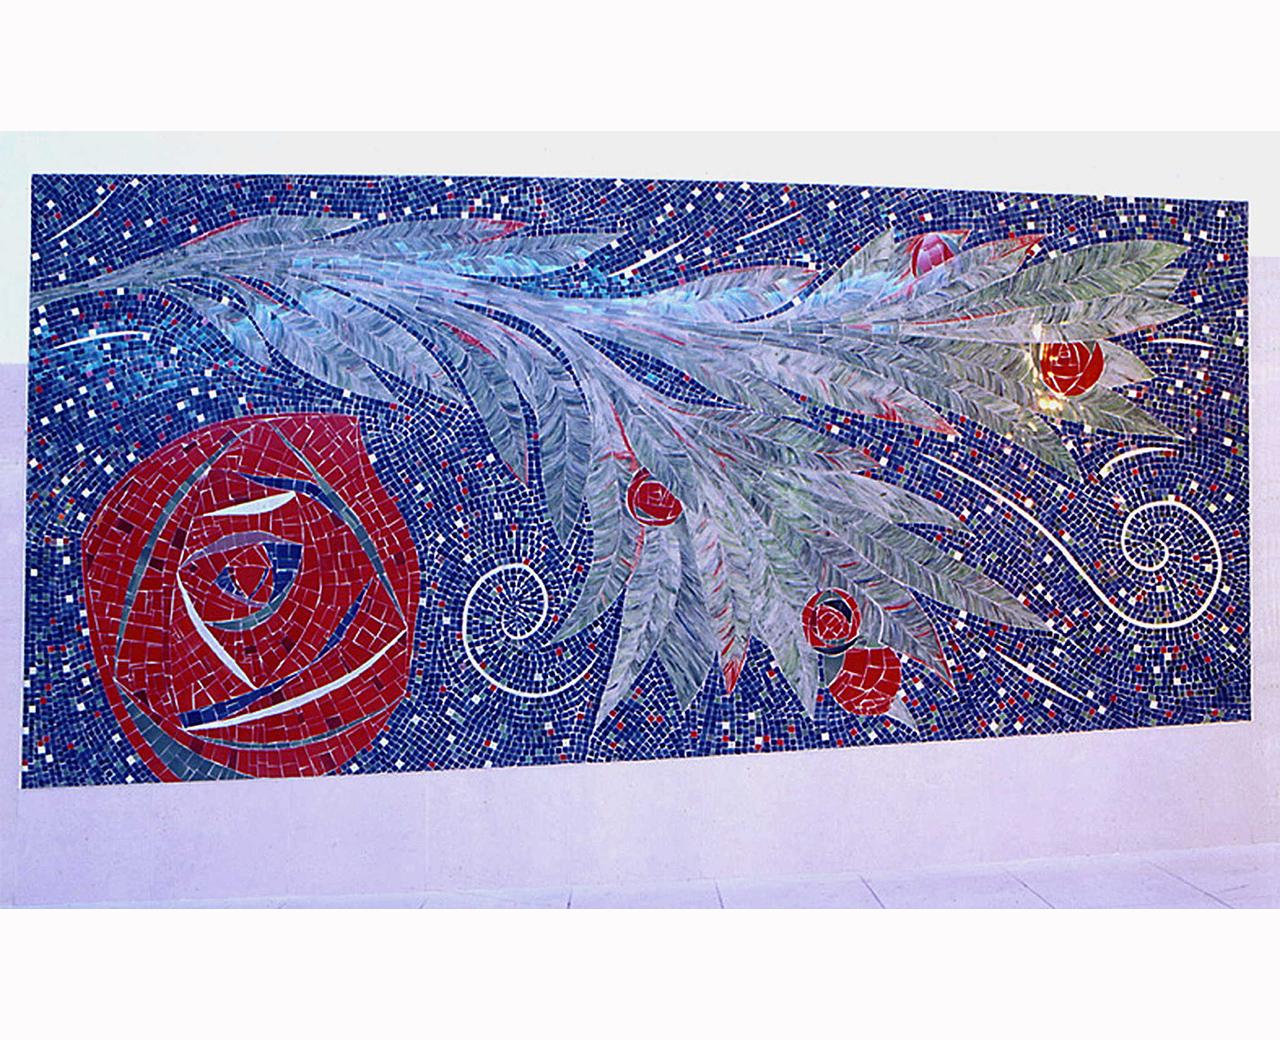 Heraldic Roas Glass Mosaic Panel